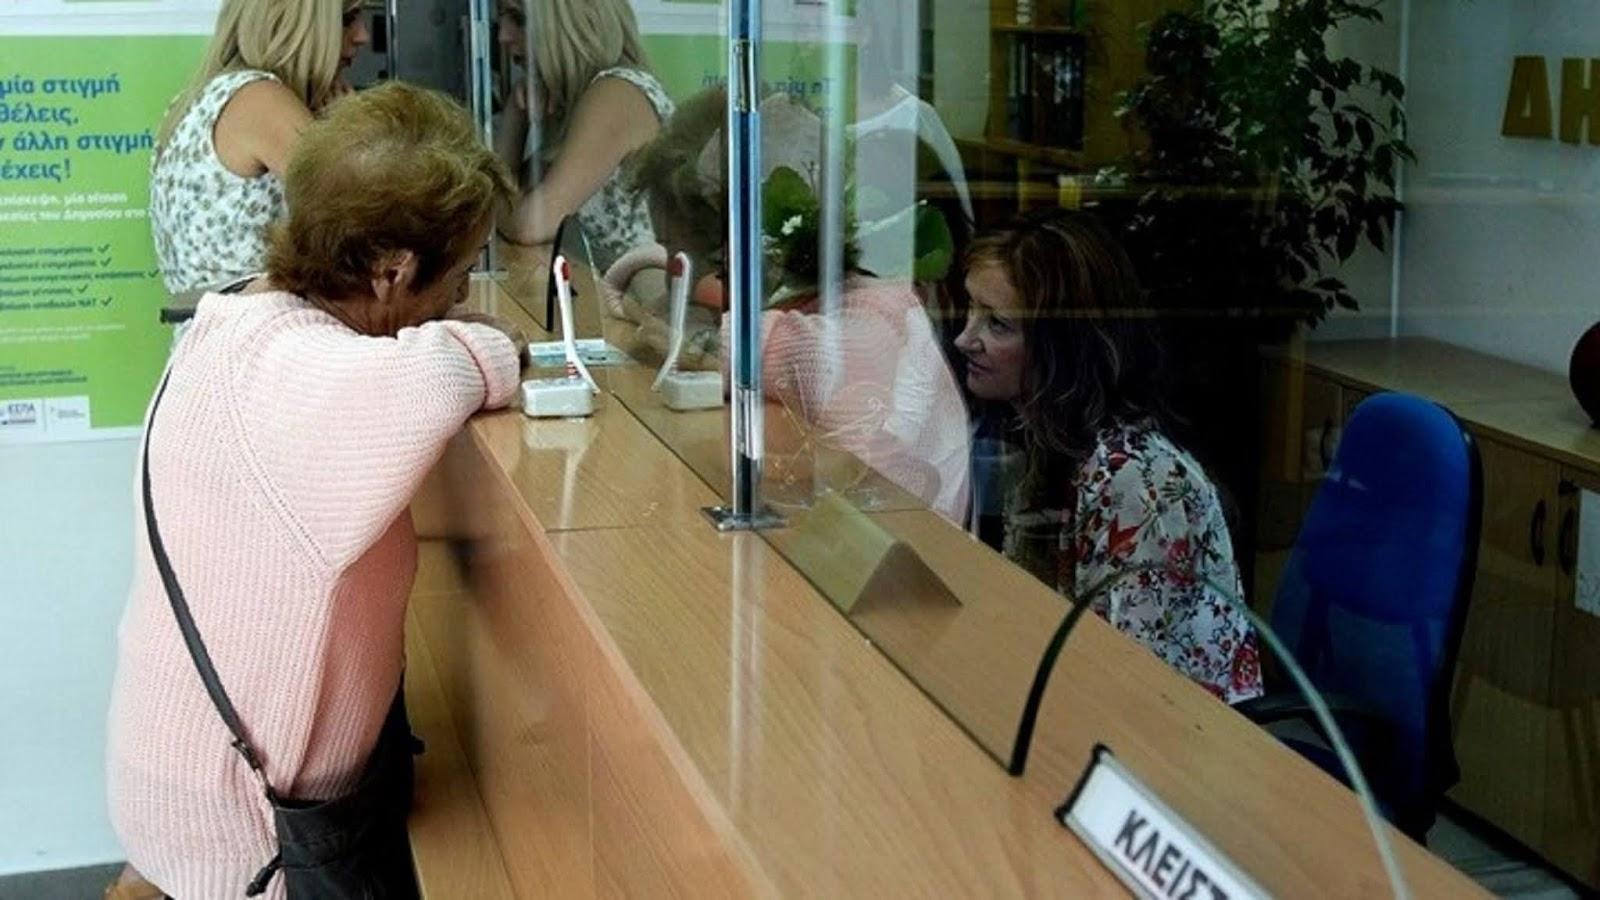 Κορονοϊός: Έτσι θα δουλεύουν οι δημόσιοι υπάλληλοι